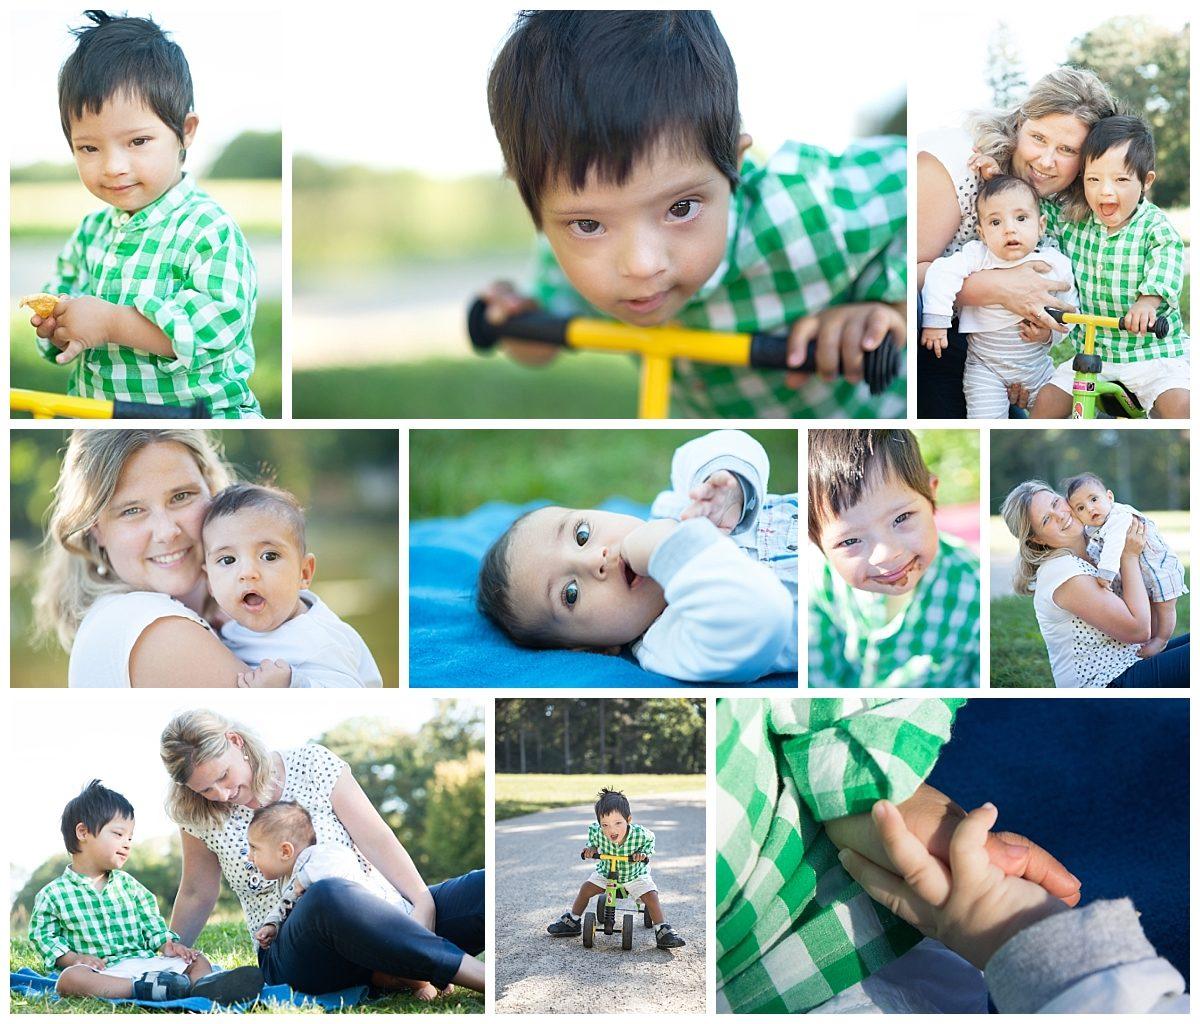 Familienausflug zum Großen Garten in Dresden Kathleen Pfennig Fotografie Familienfotografie